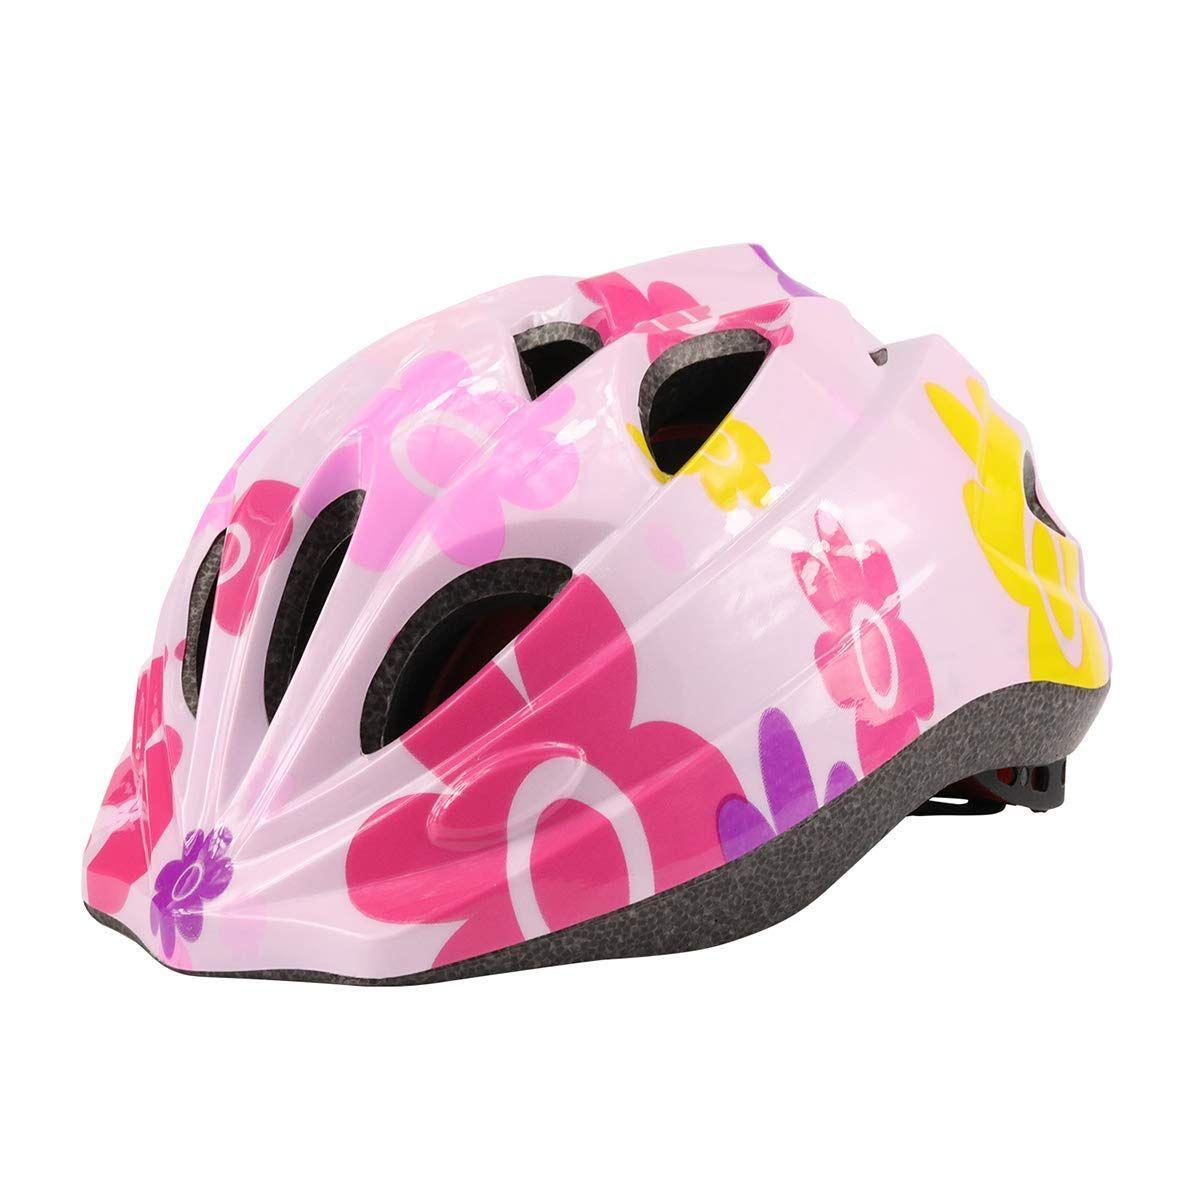 Bosoner Bike Helmet Toddler Helmet Adjustable Kids Helmet For